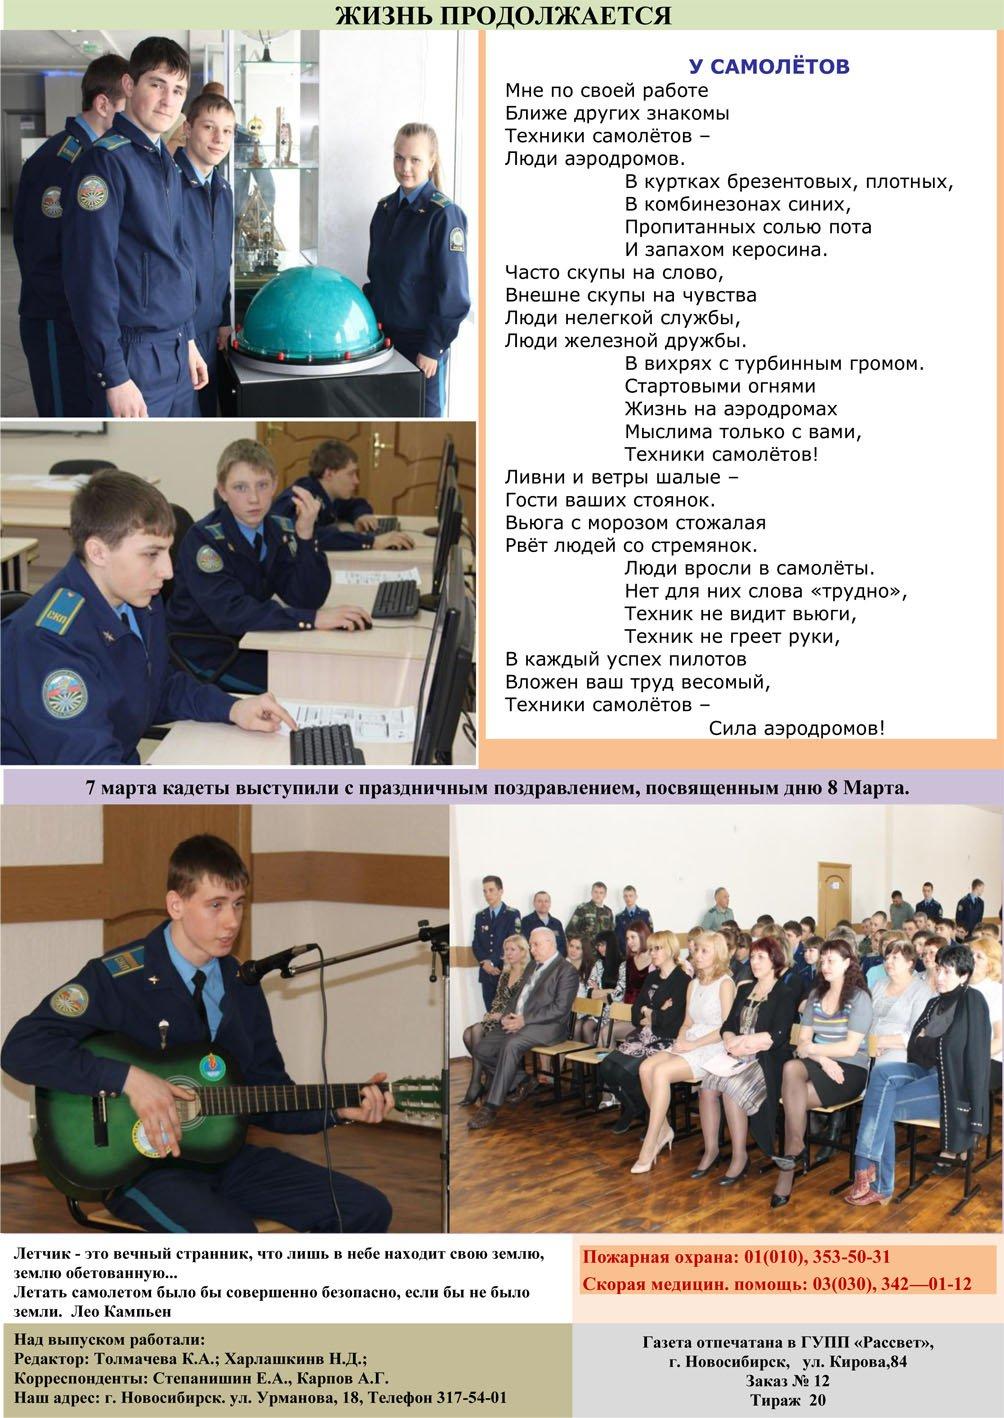 Vestnik (4)